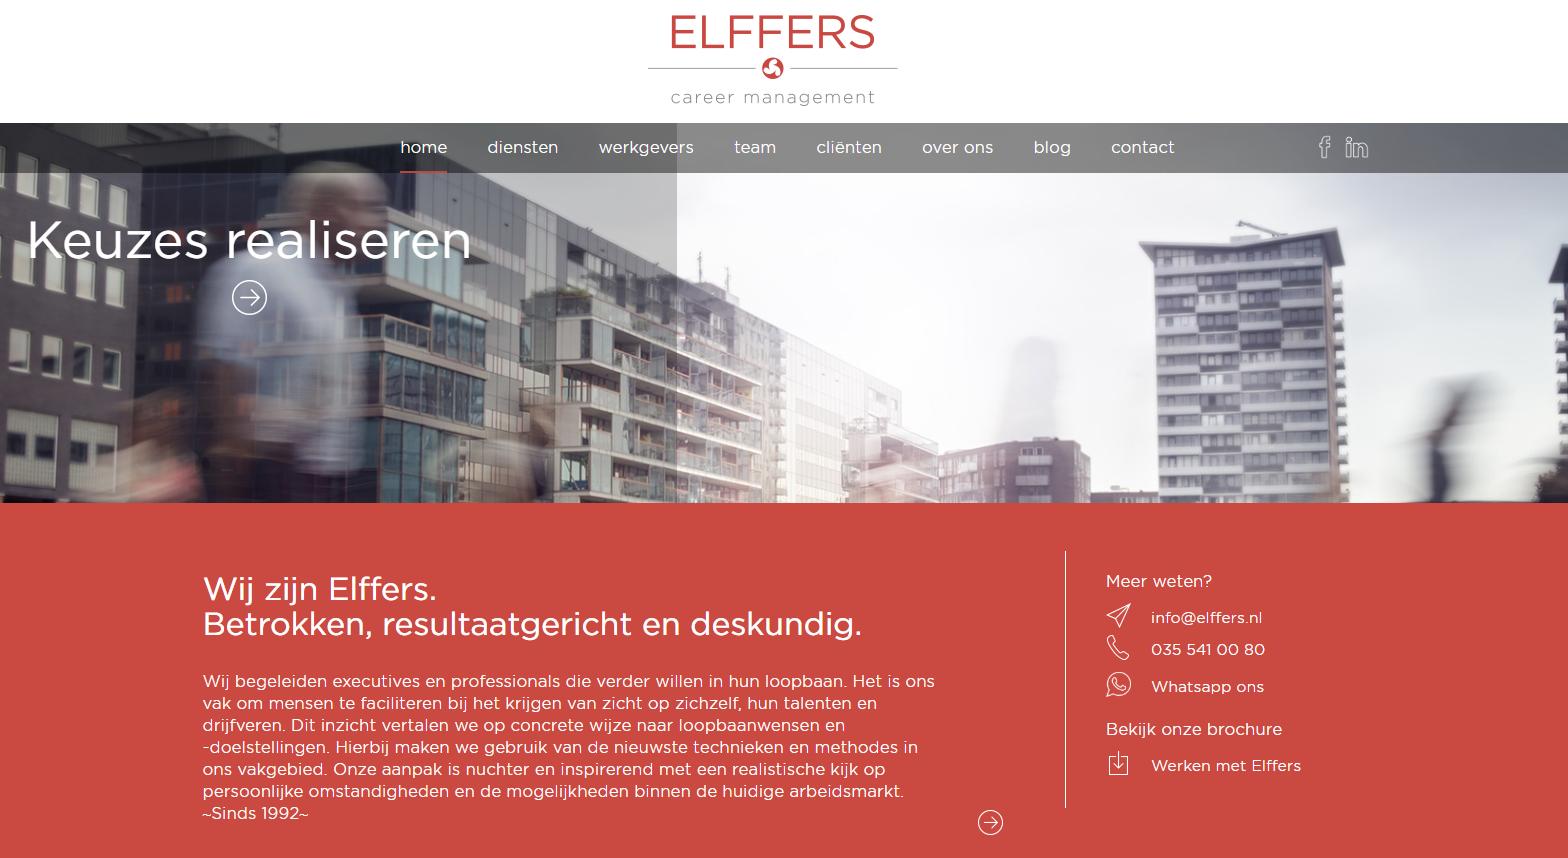 Elffers Career Management